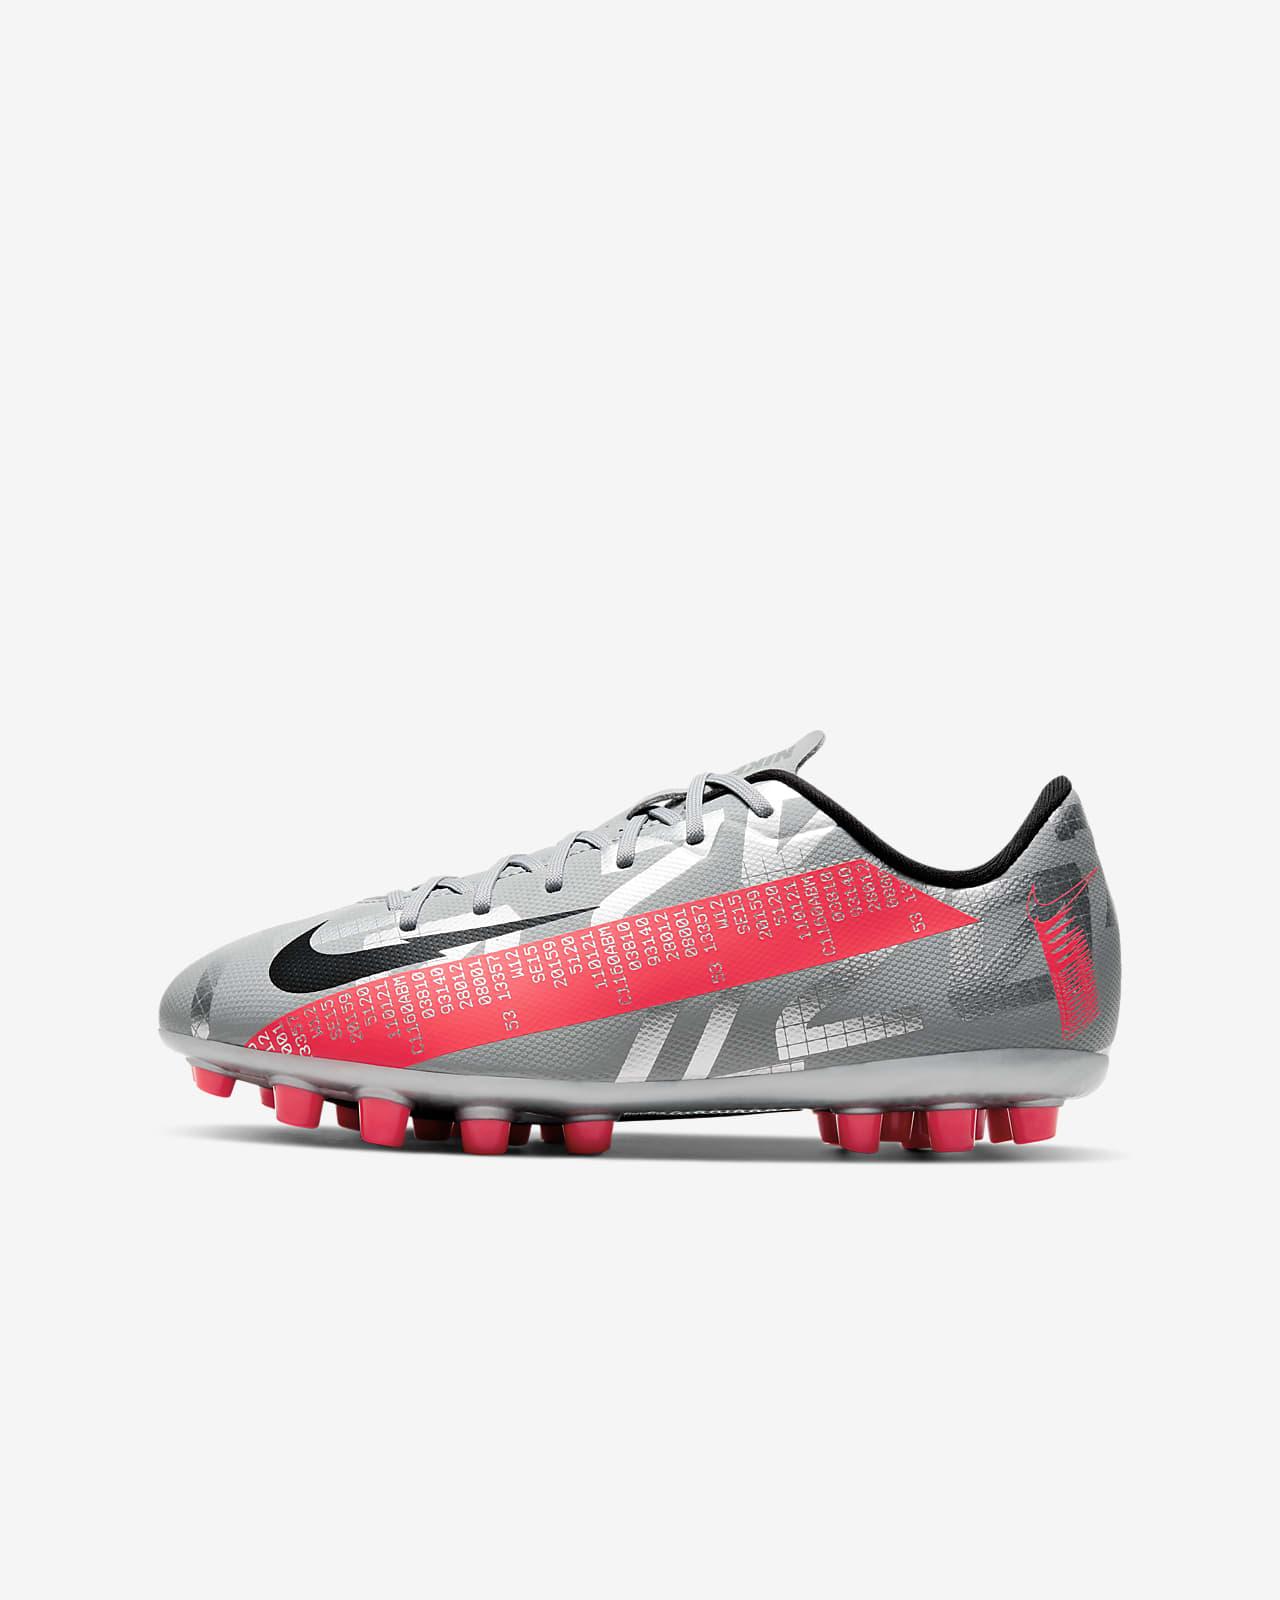 Nike Jr. Mercurial Vapor 13 Academy AG Kids' Artificial-Grass Football Boot